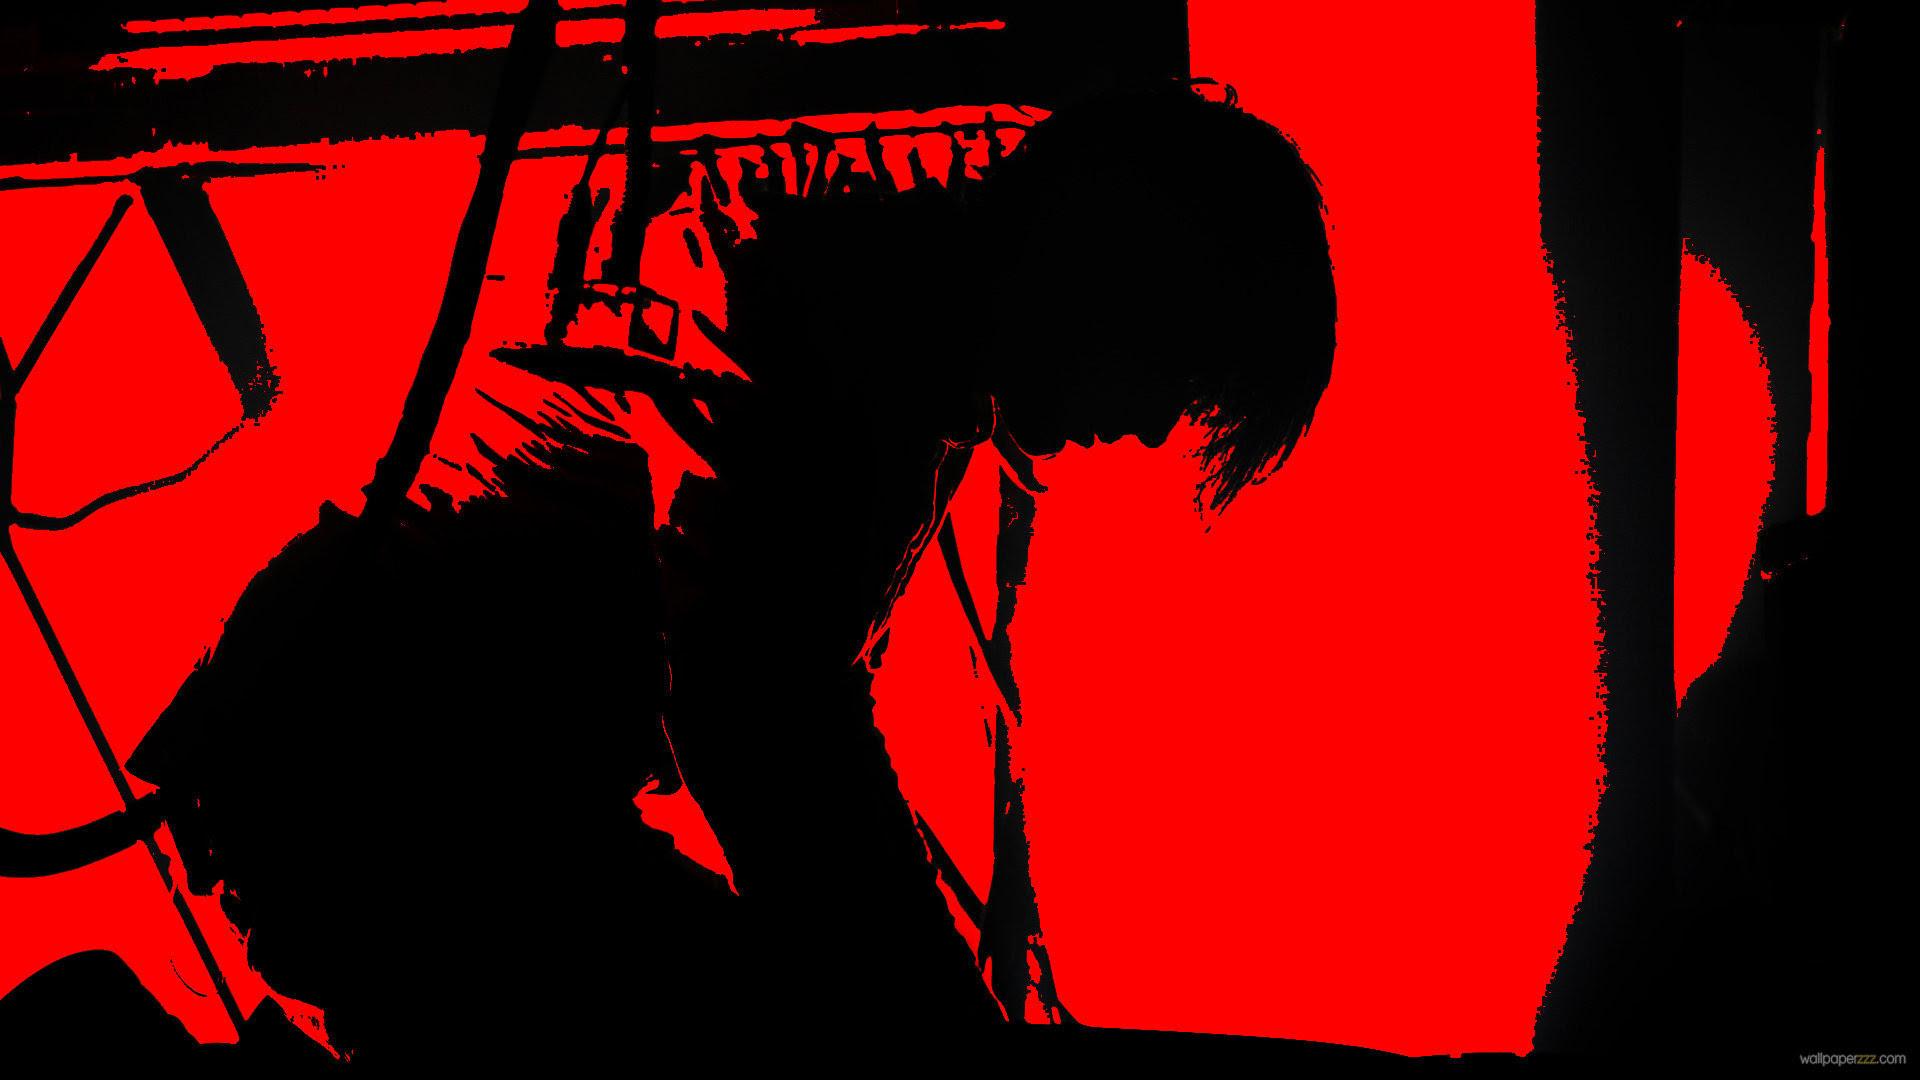 Unduh 77 Wallpaper Black Red Keren Gratis Terbaik